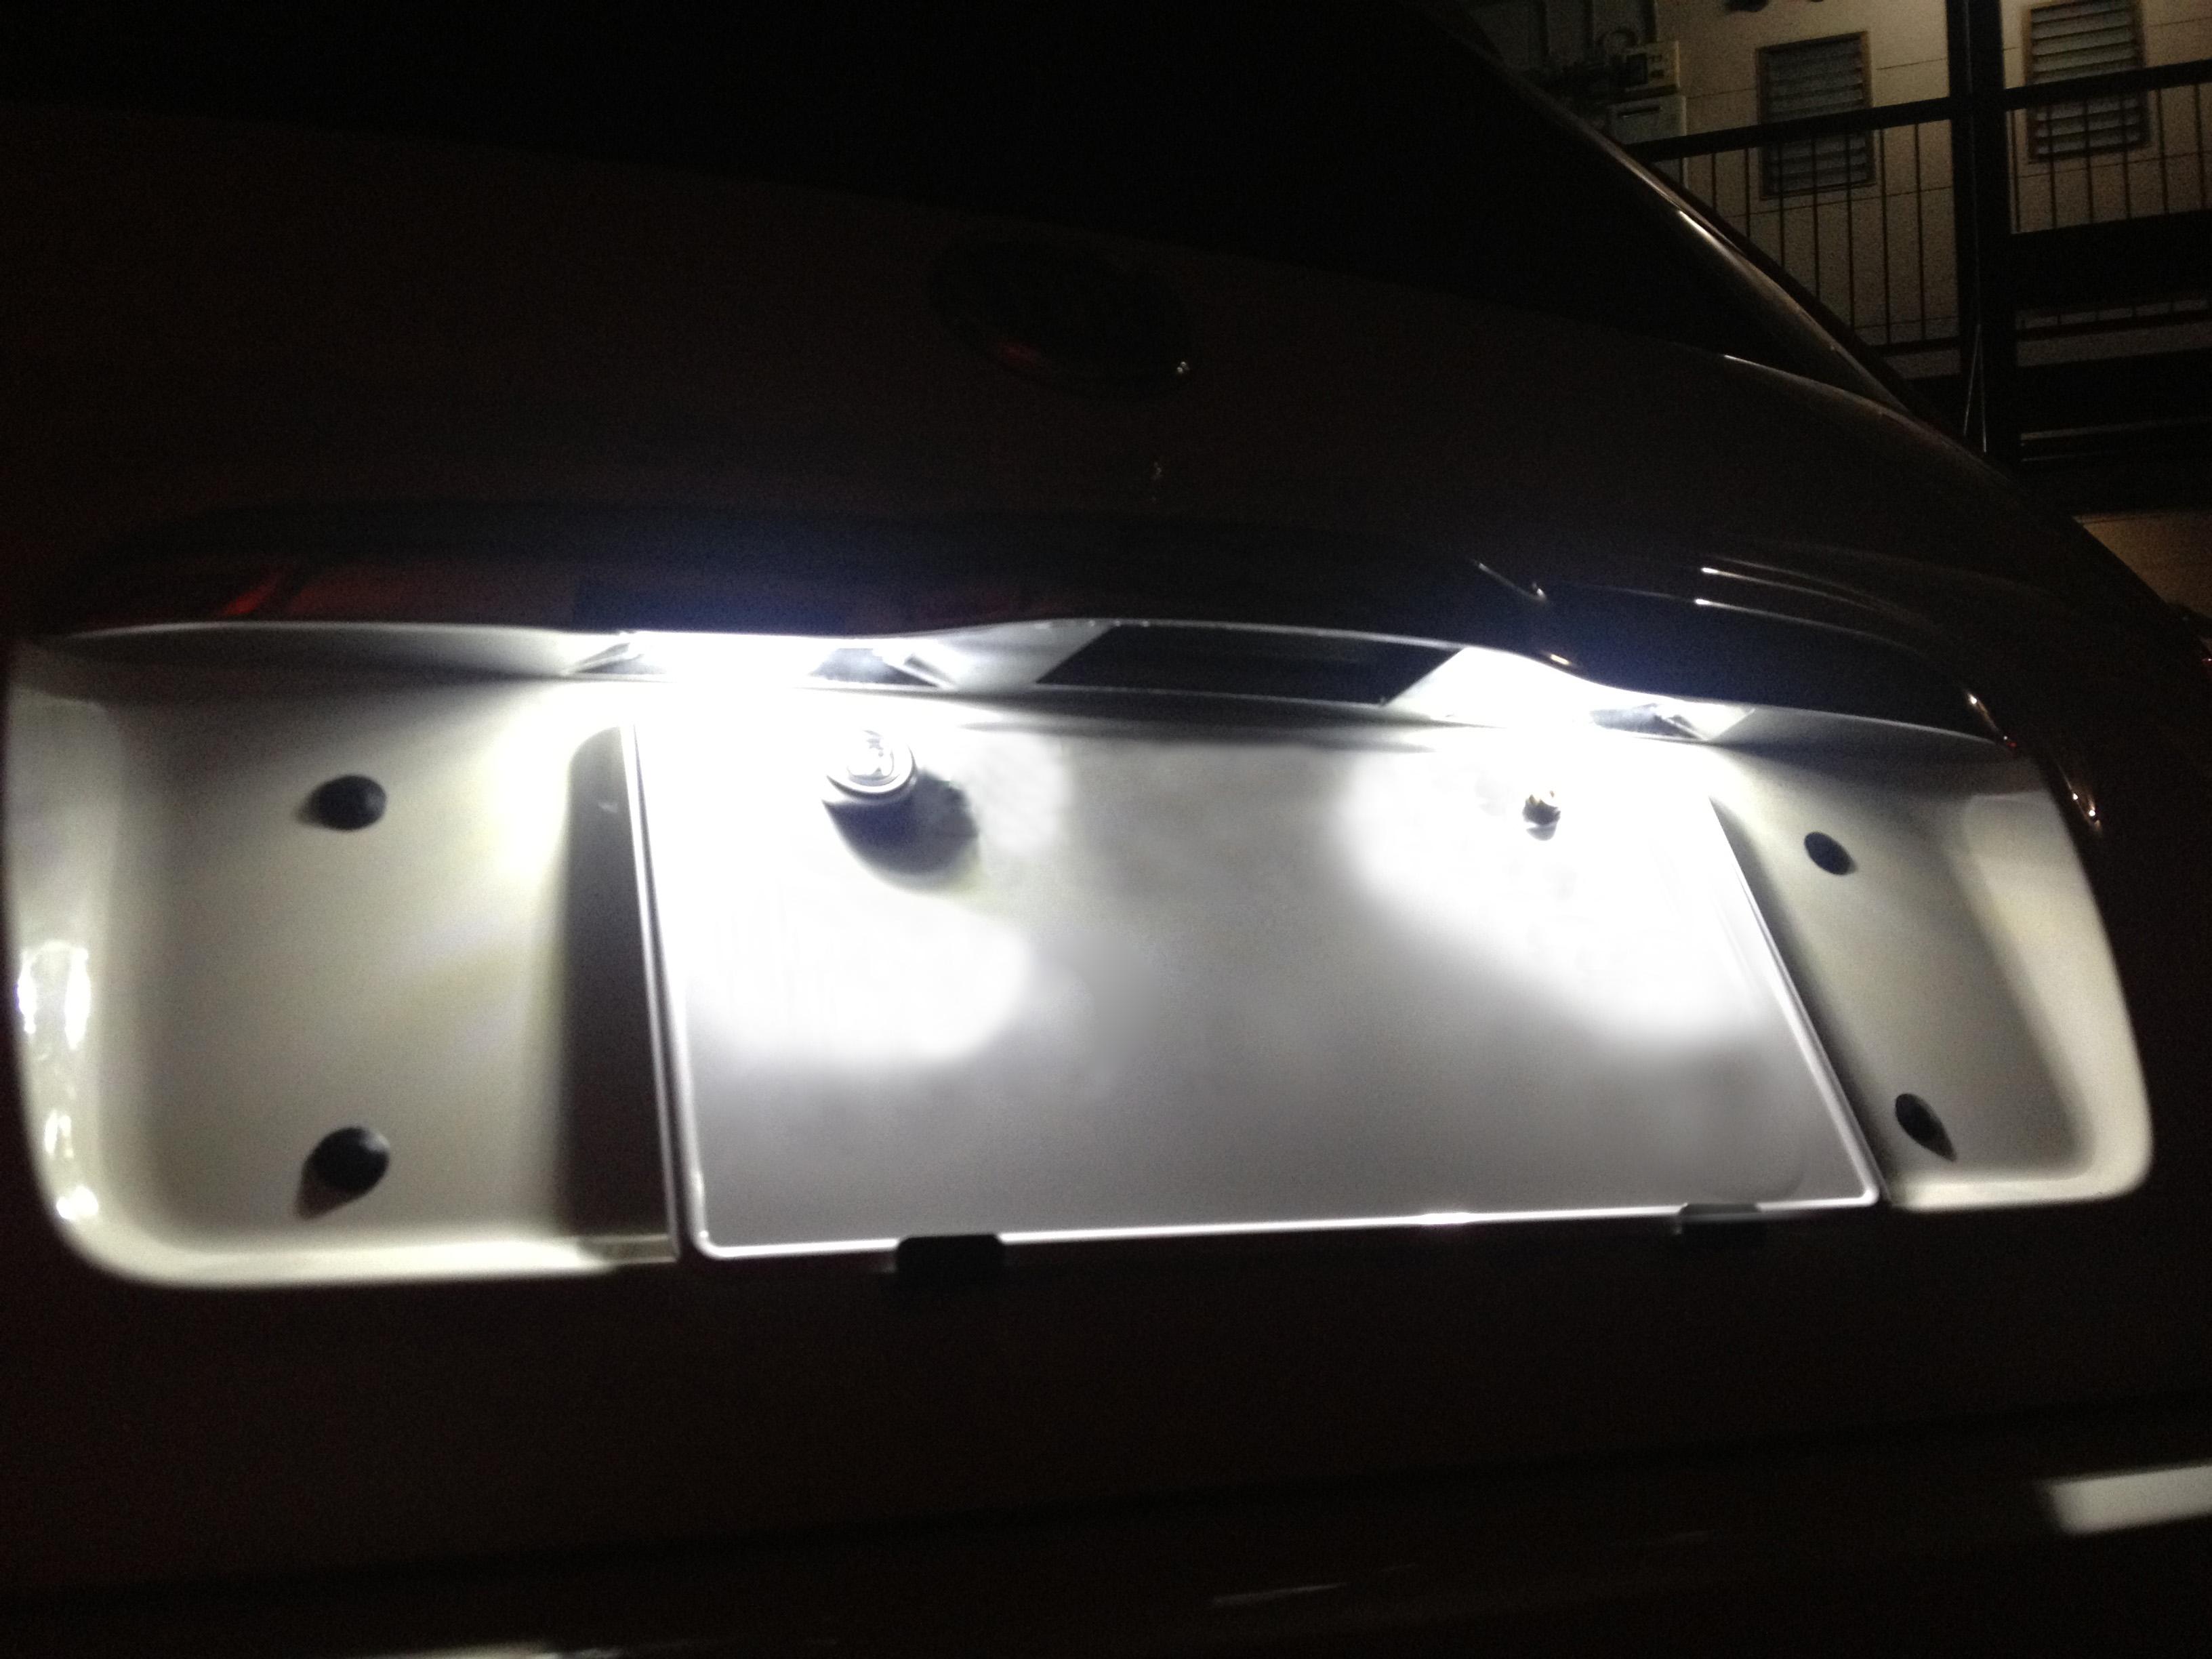 FIATフィアット500ライセンスランプLED化